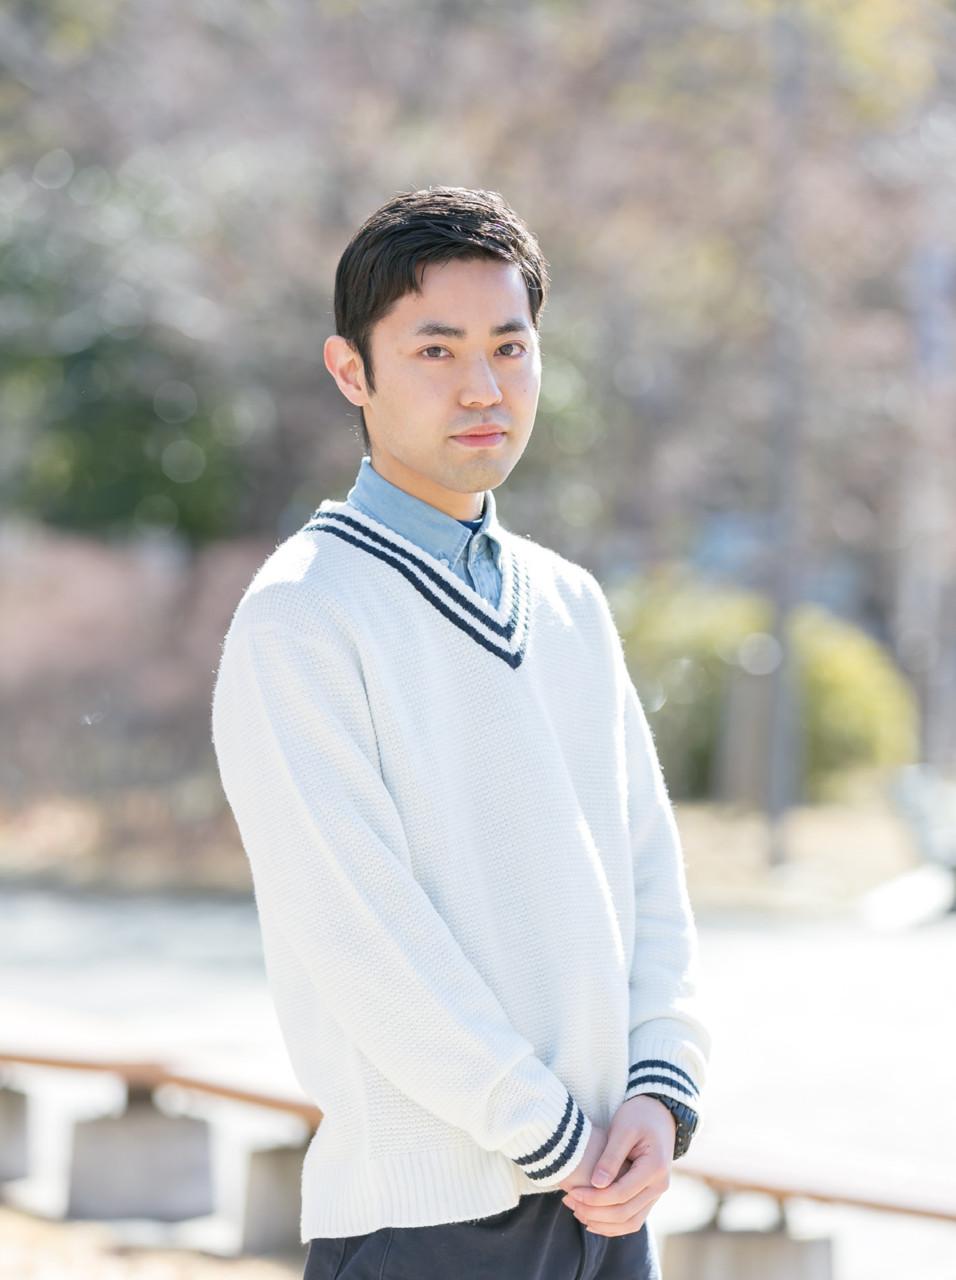 宮内恭平さんの写真